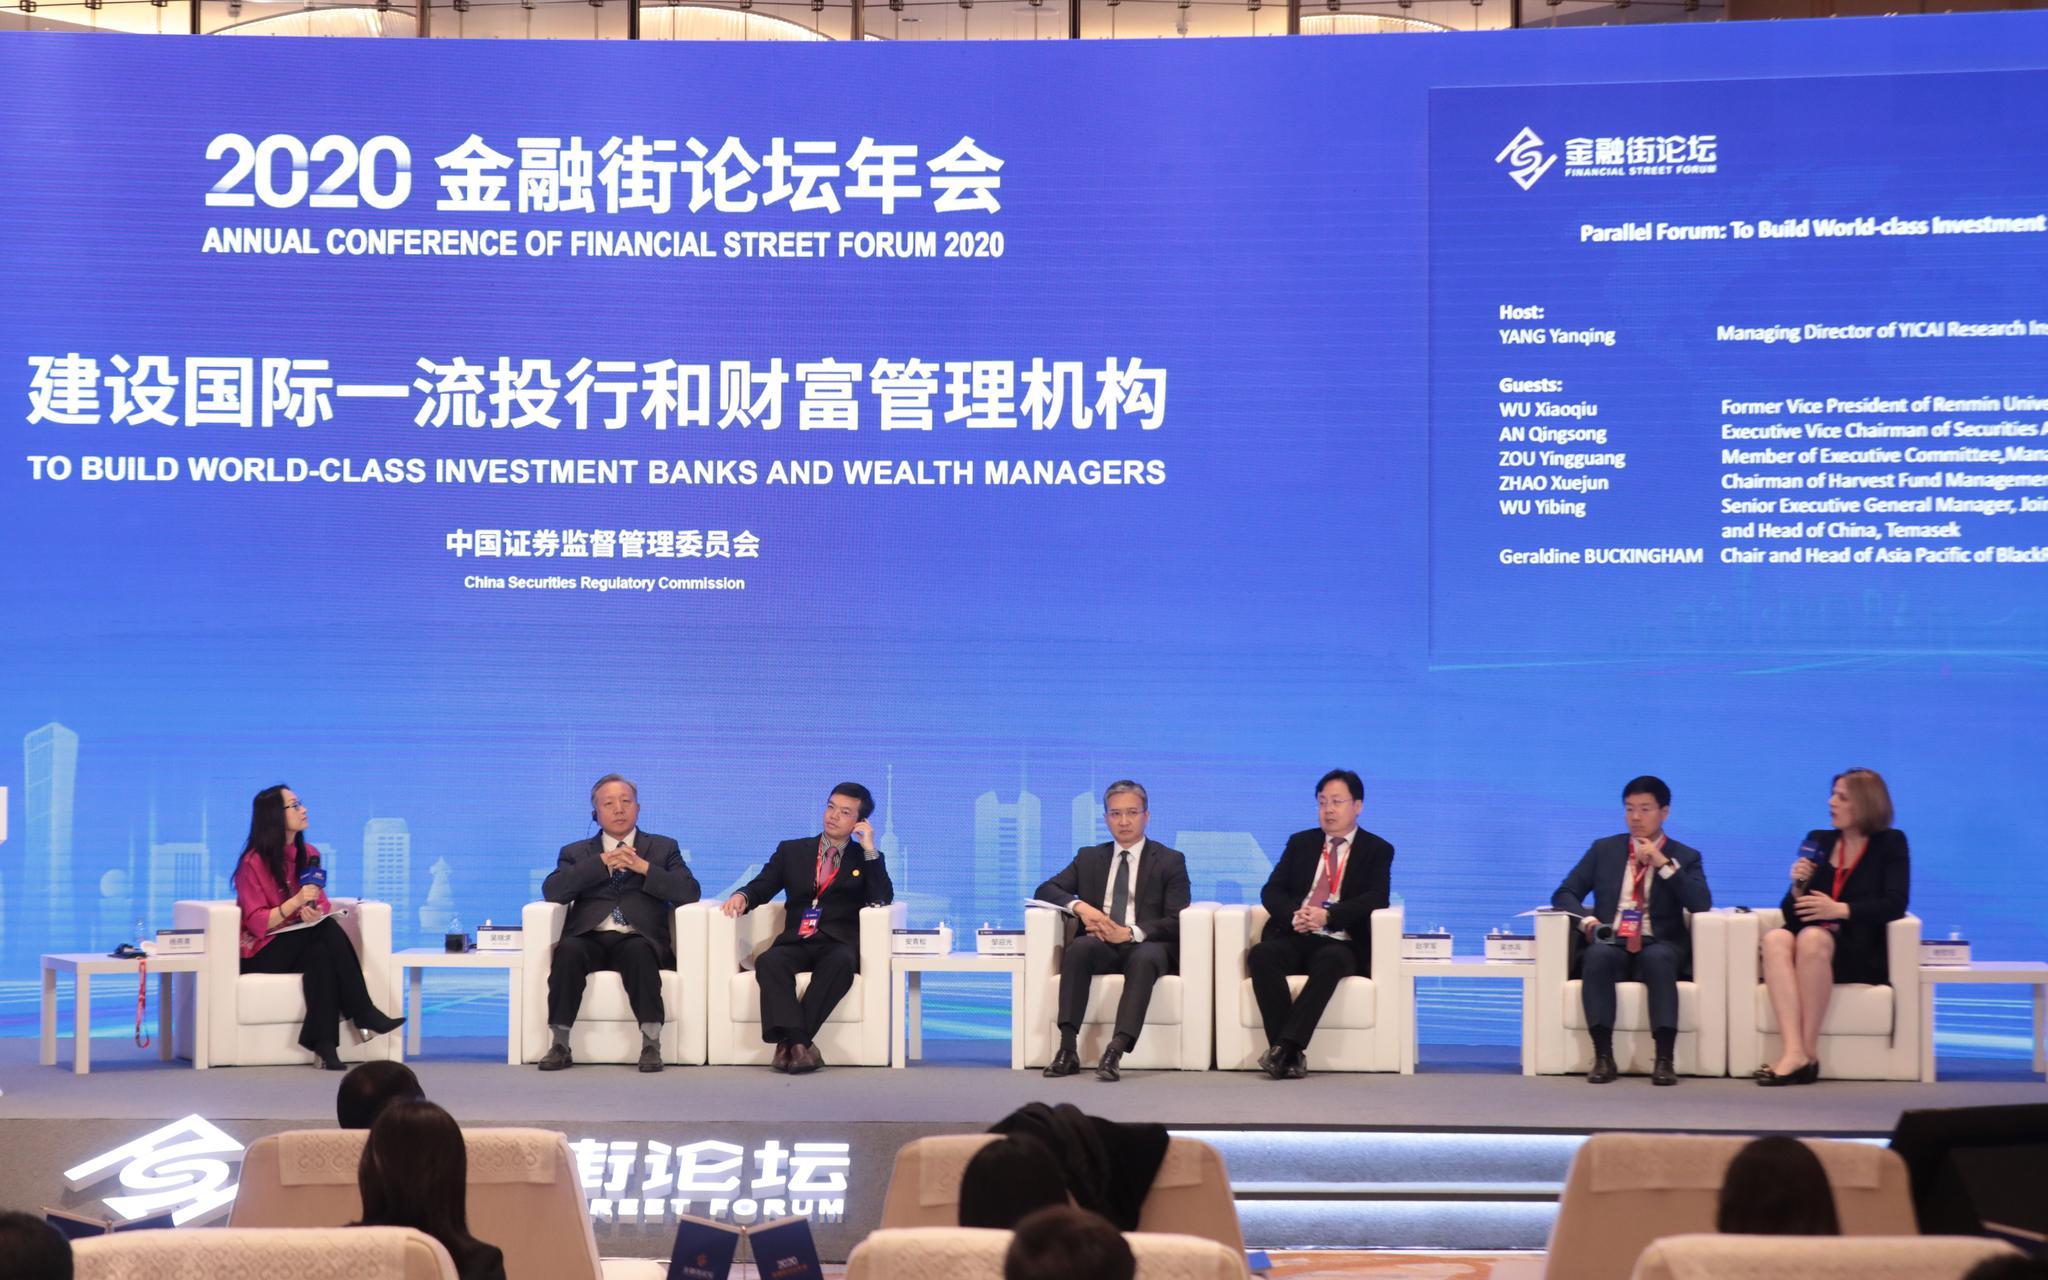 吴晓求、安青松等联合献策:打造中国一流投行和财富管理机构